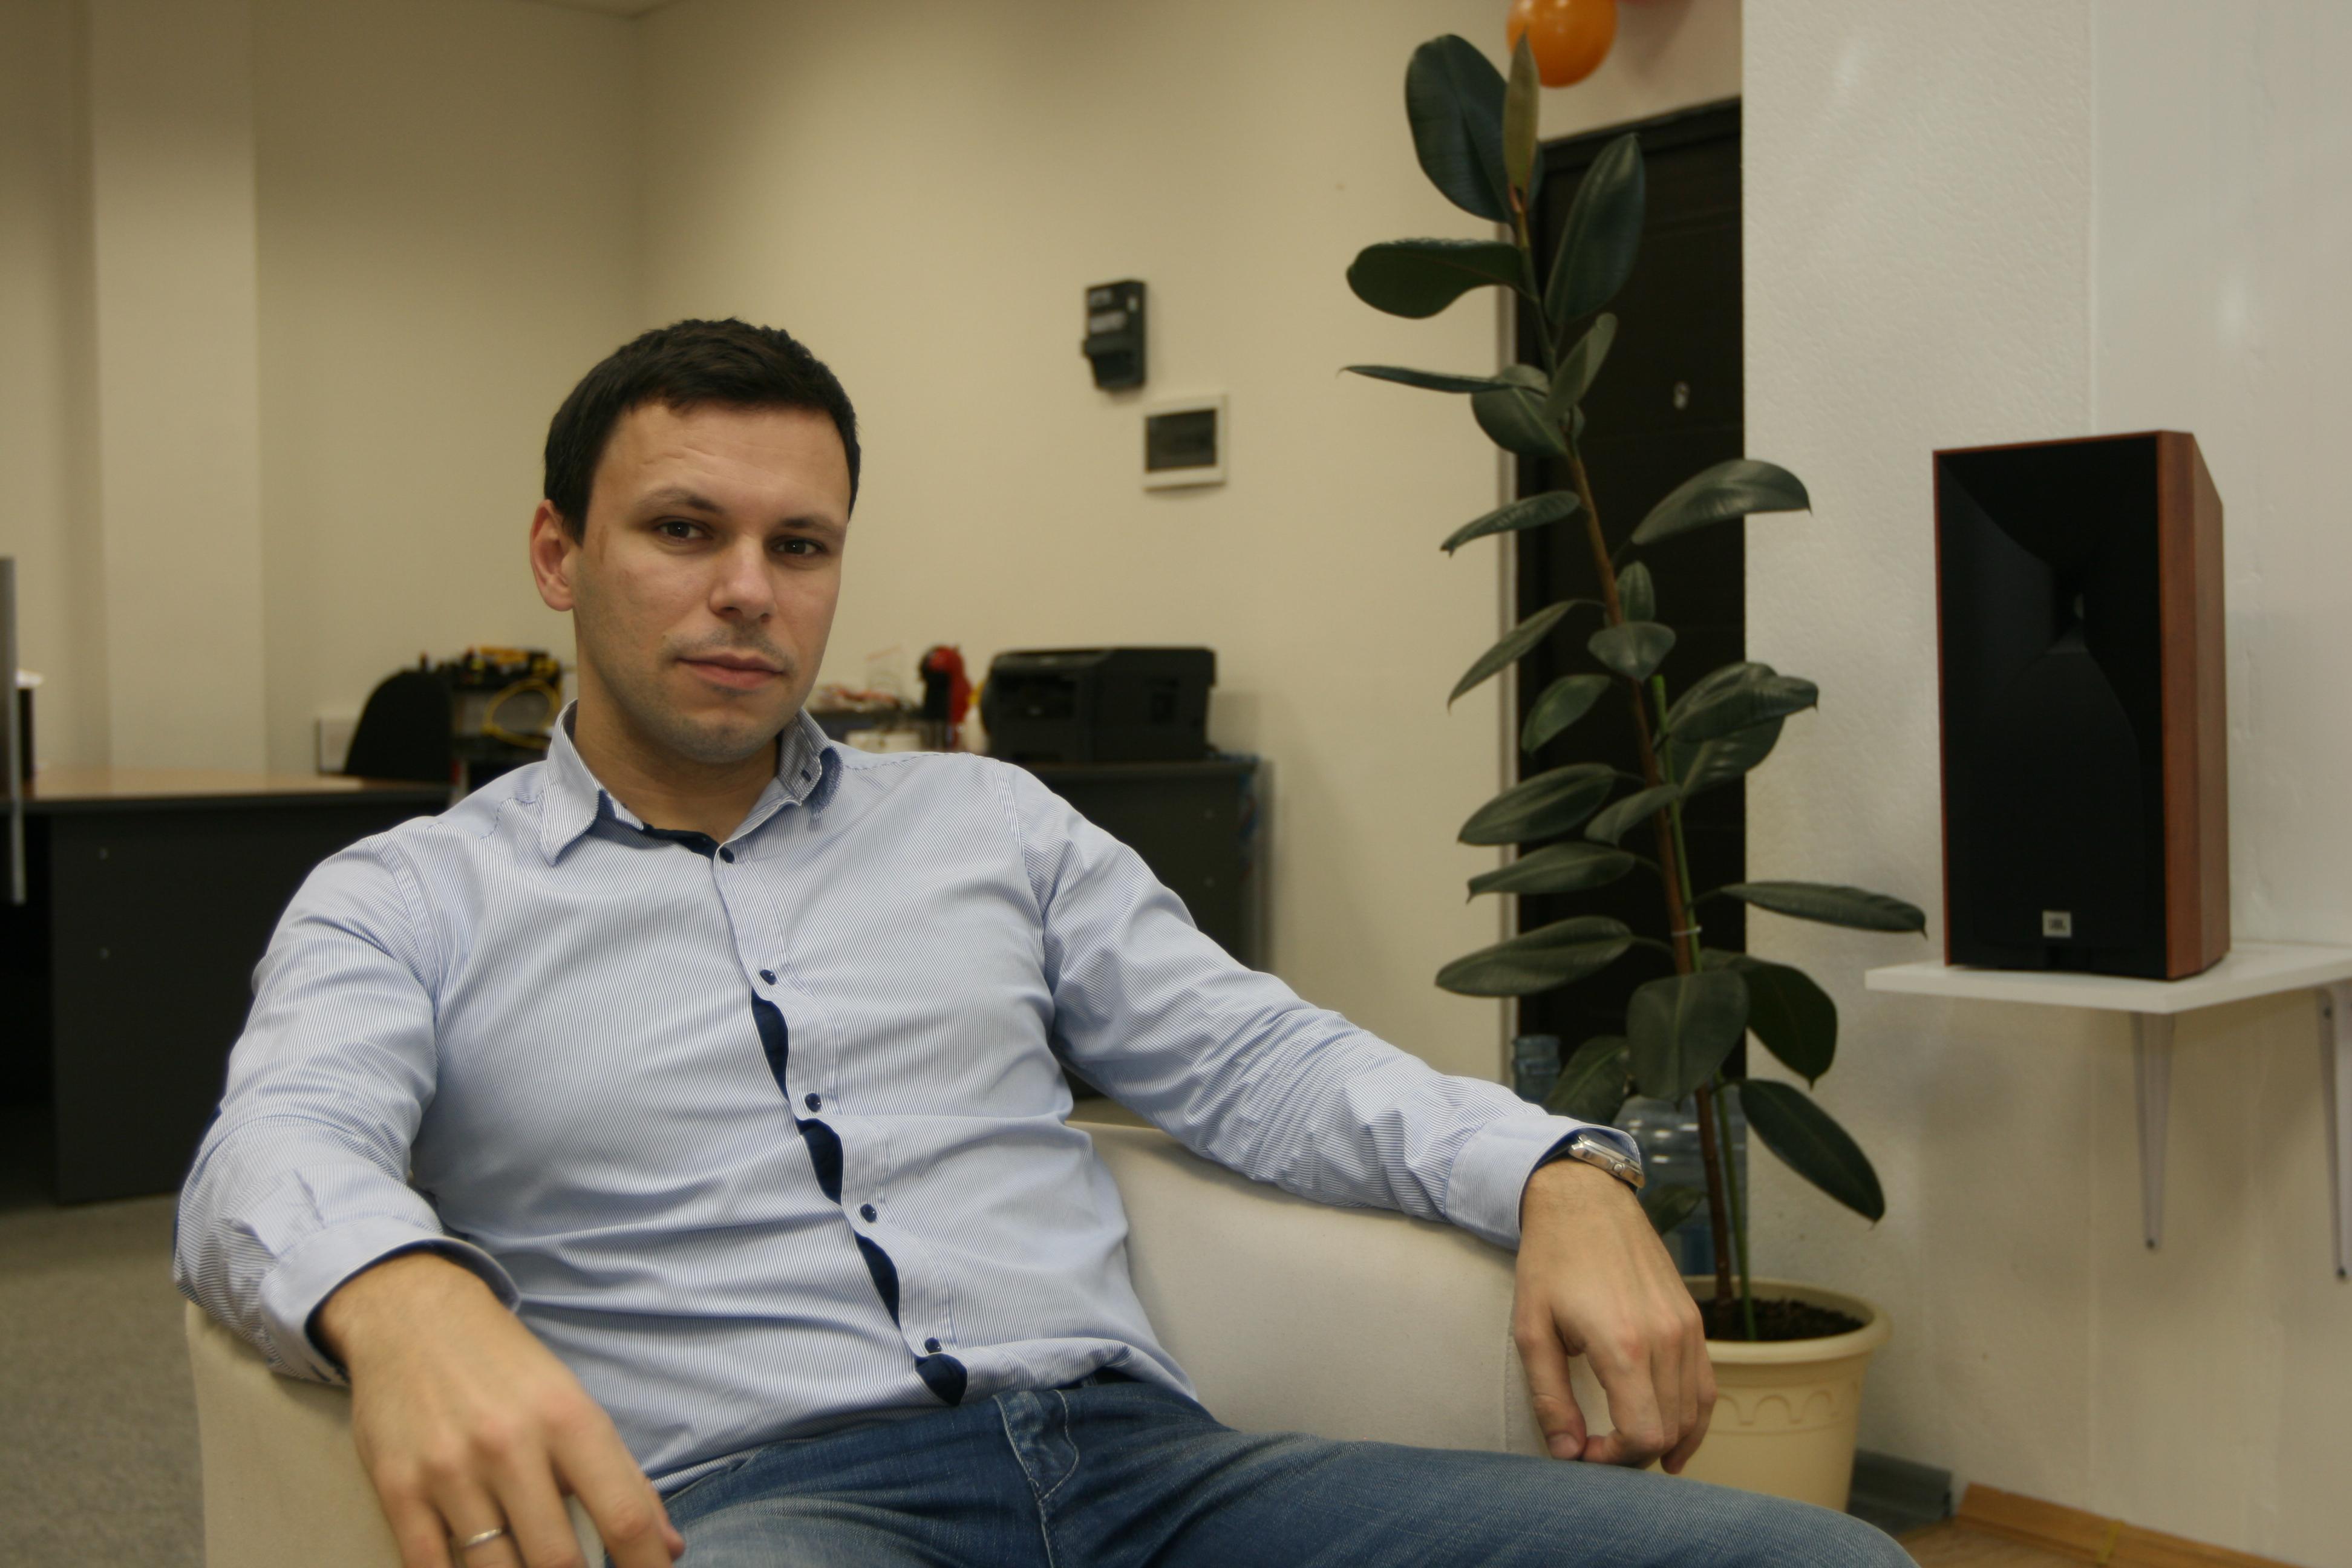 Сооснователь компании «Ай Пи Решения» Максим Голубев